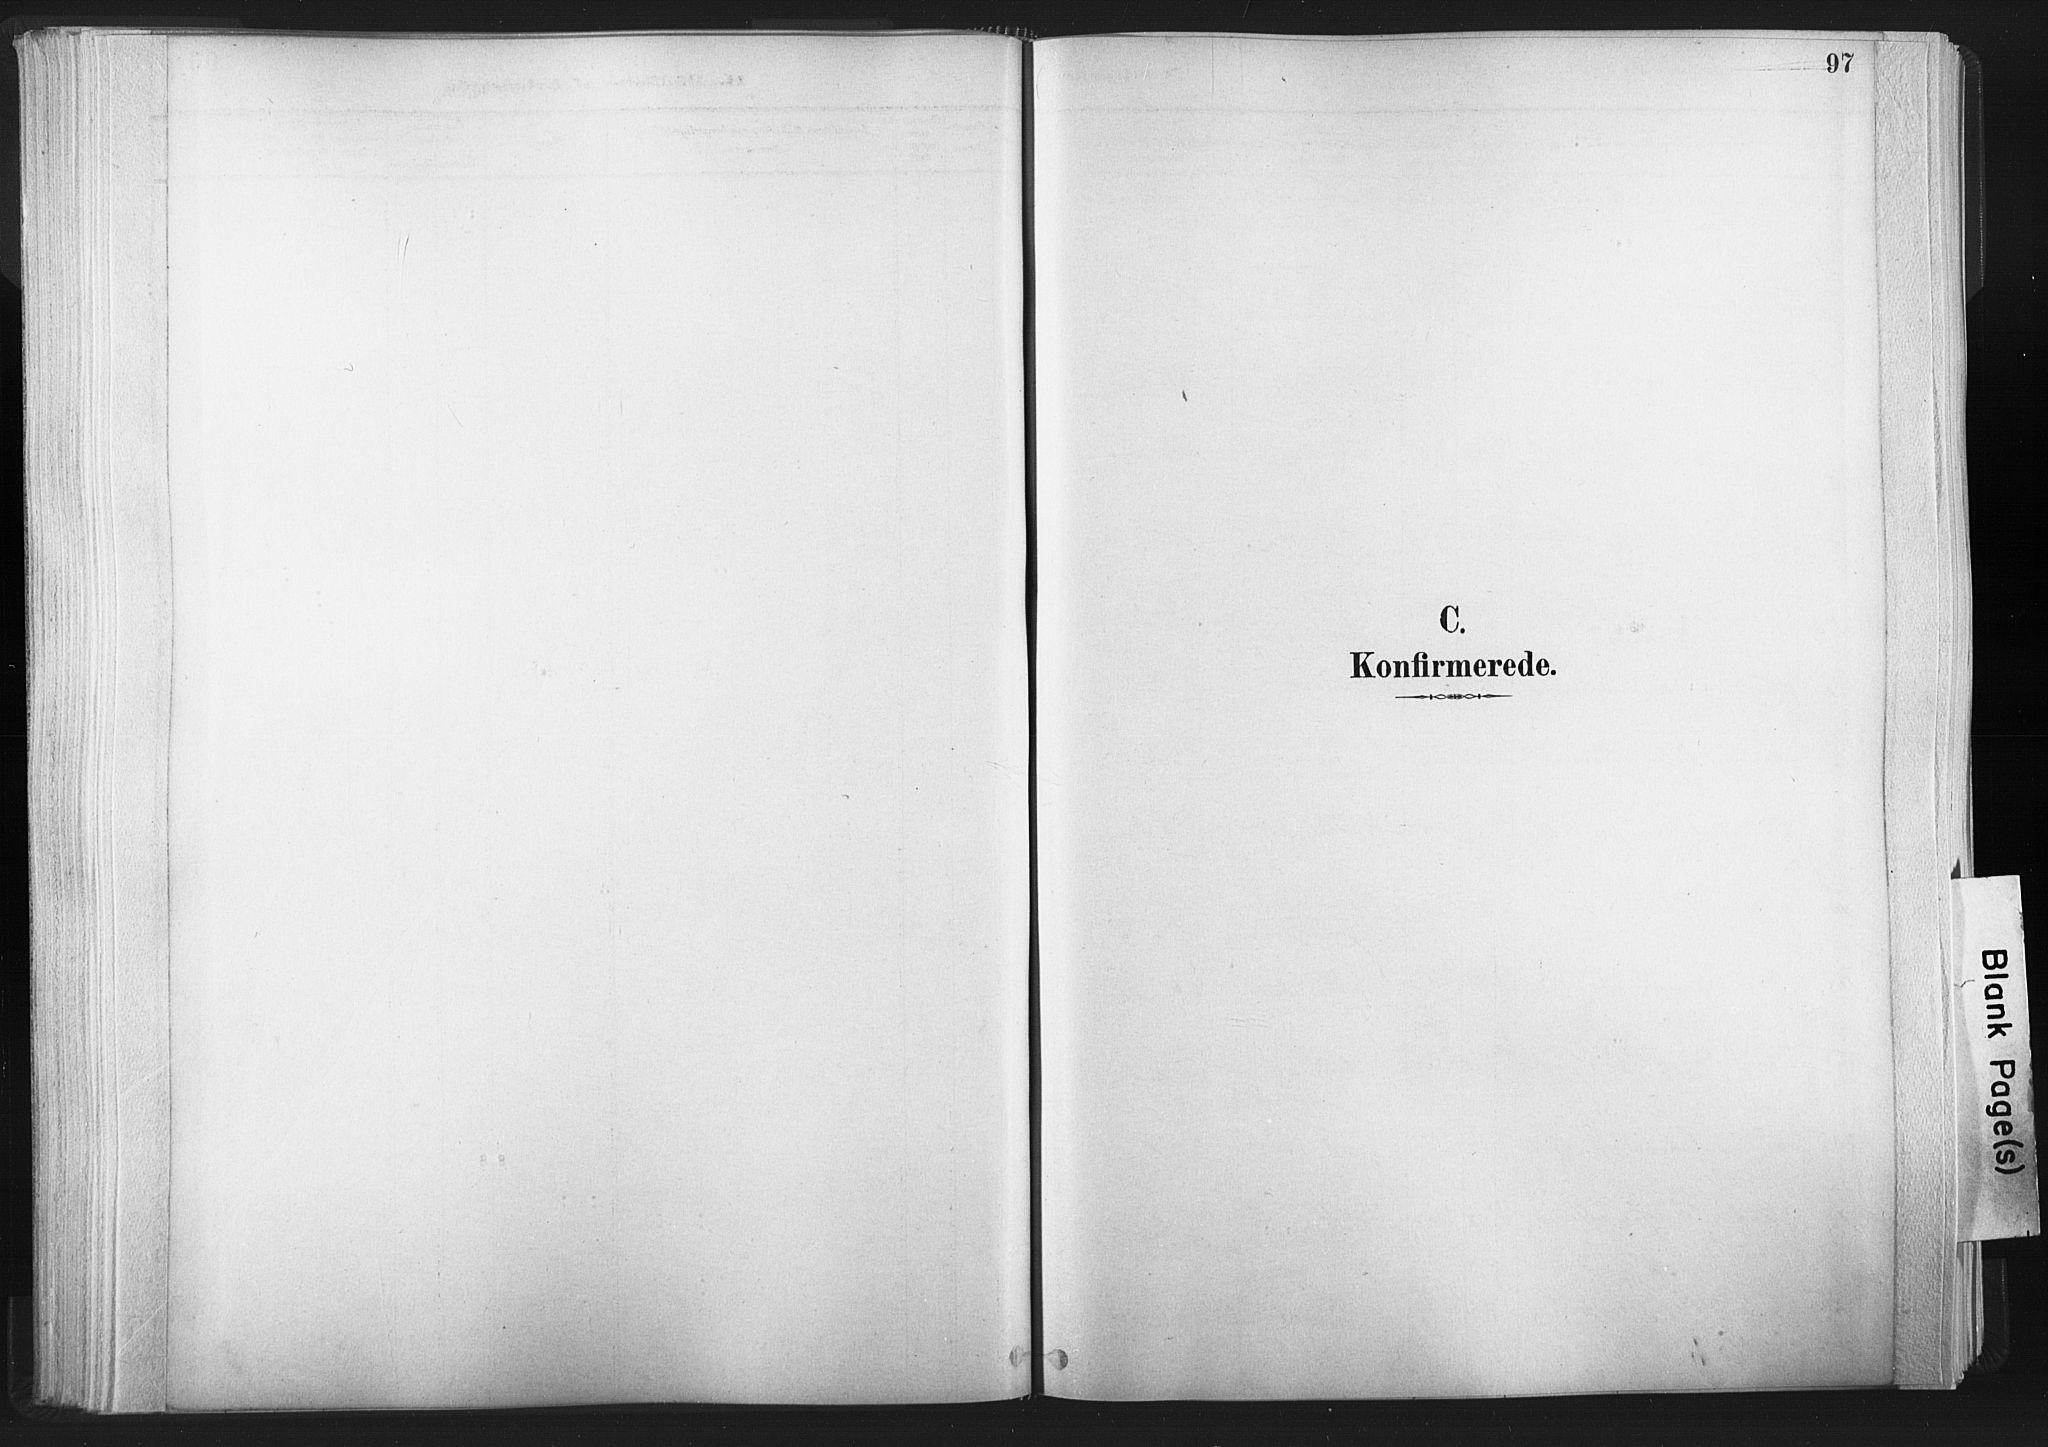 SAT, Ministerialprotokoller, klokkerbøker og fødselsregistre - Nord-Trøndelag, 749/L0474: Ministerialbok nr. 749A08, 1887-1903, s. 97